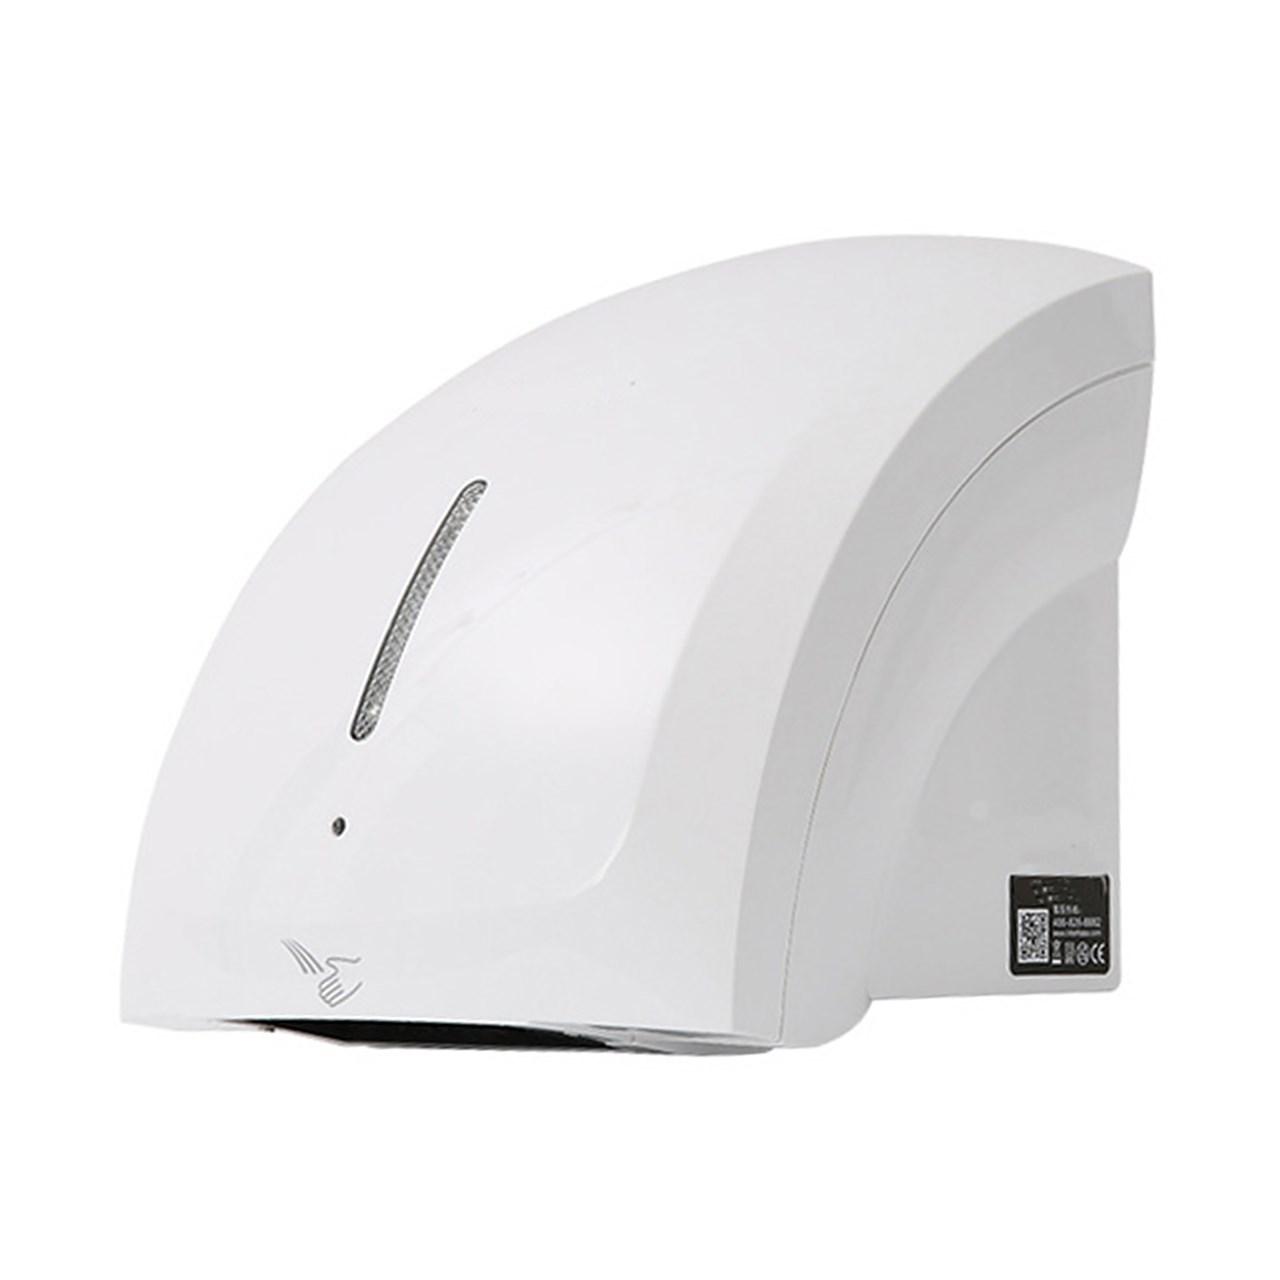 دست خشک کن برقی 1800 وات HITECH مدل A102